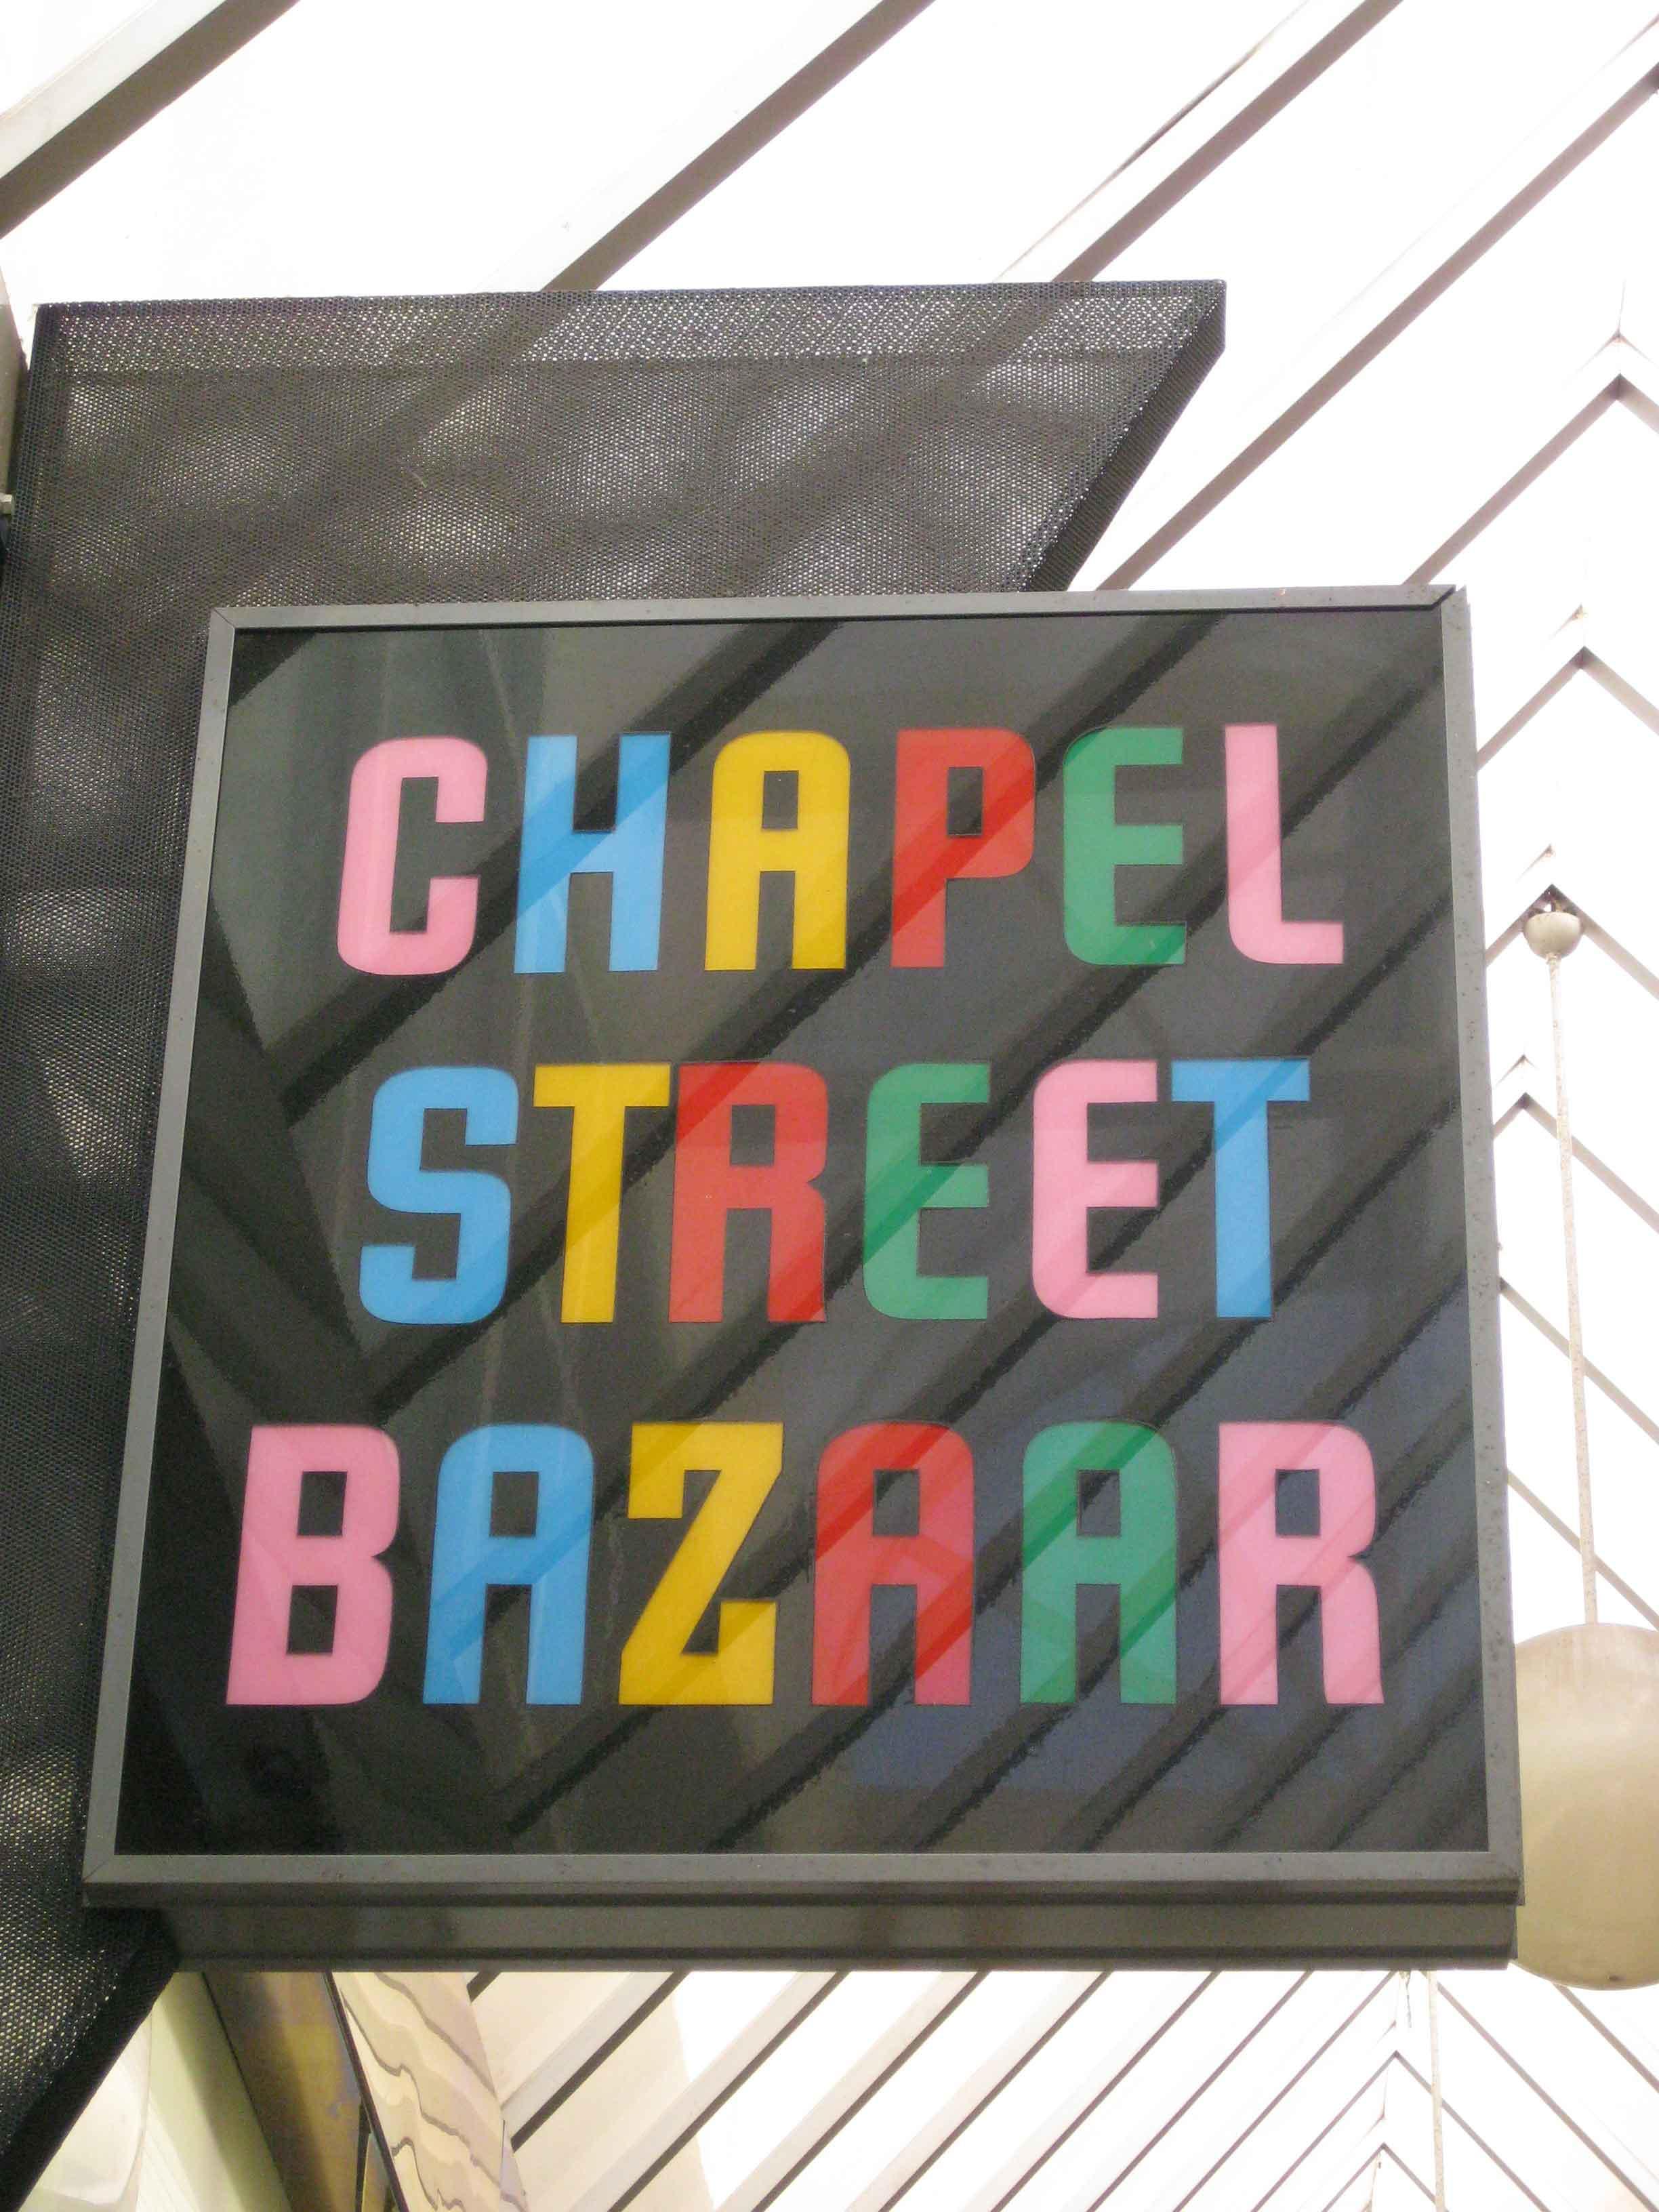 chapel street bazaar melbourne find. Black Bedroom Furniture Sets. Home Design Ideas